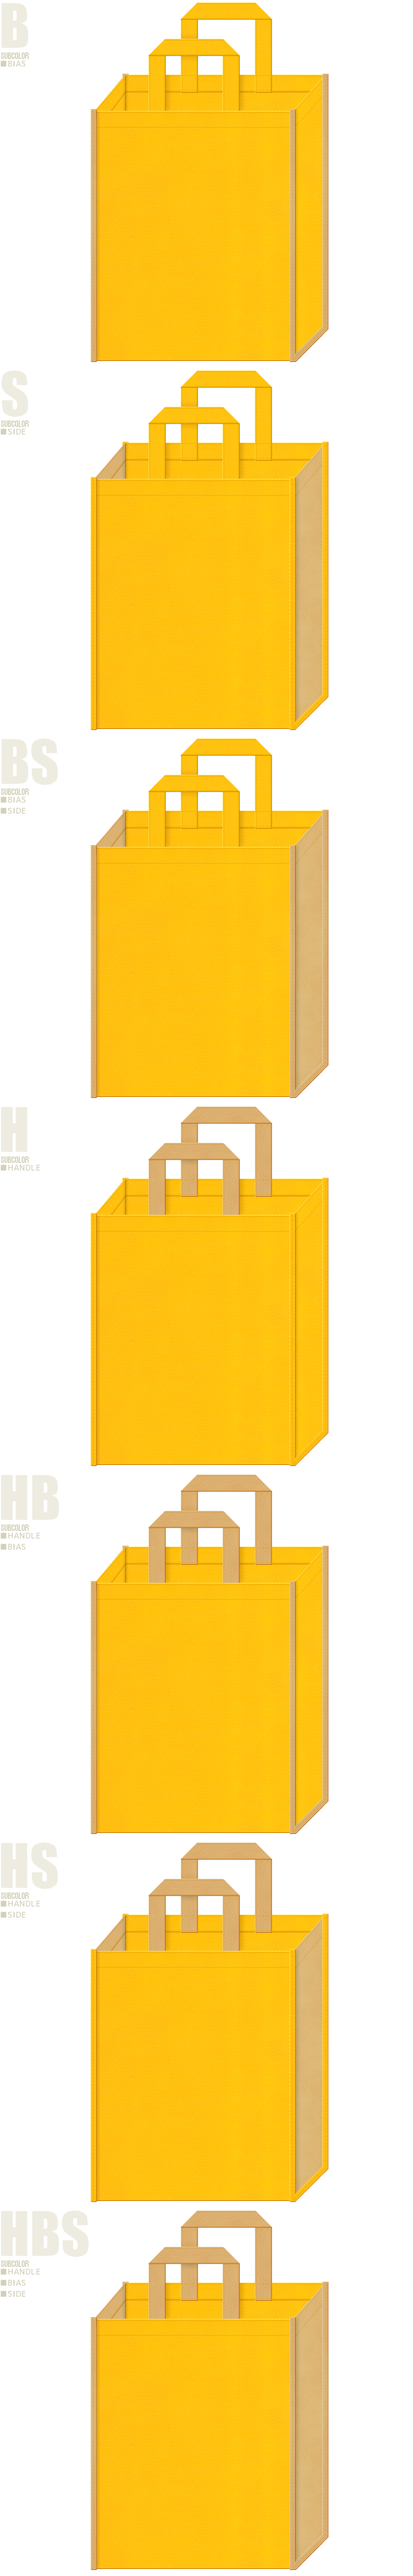 黄色と薄黄土色、7パターンの不織布トートバッグ配色デザイン例。